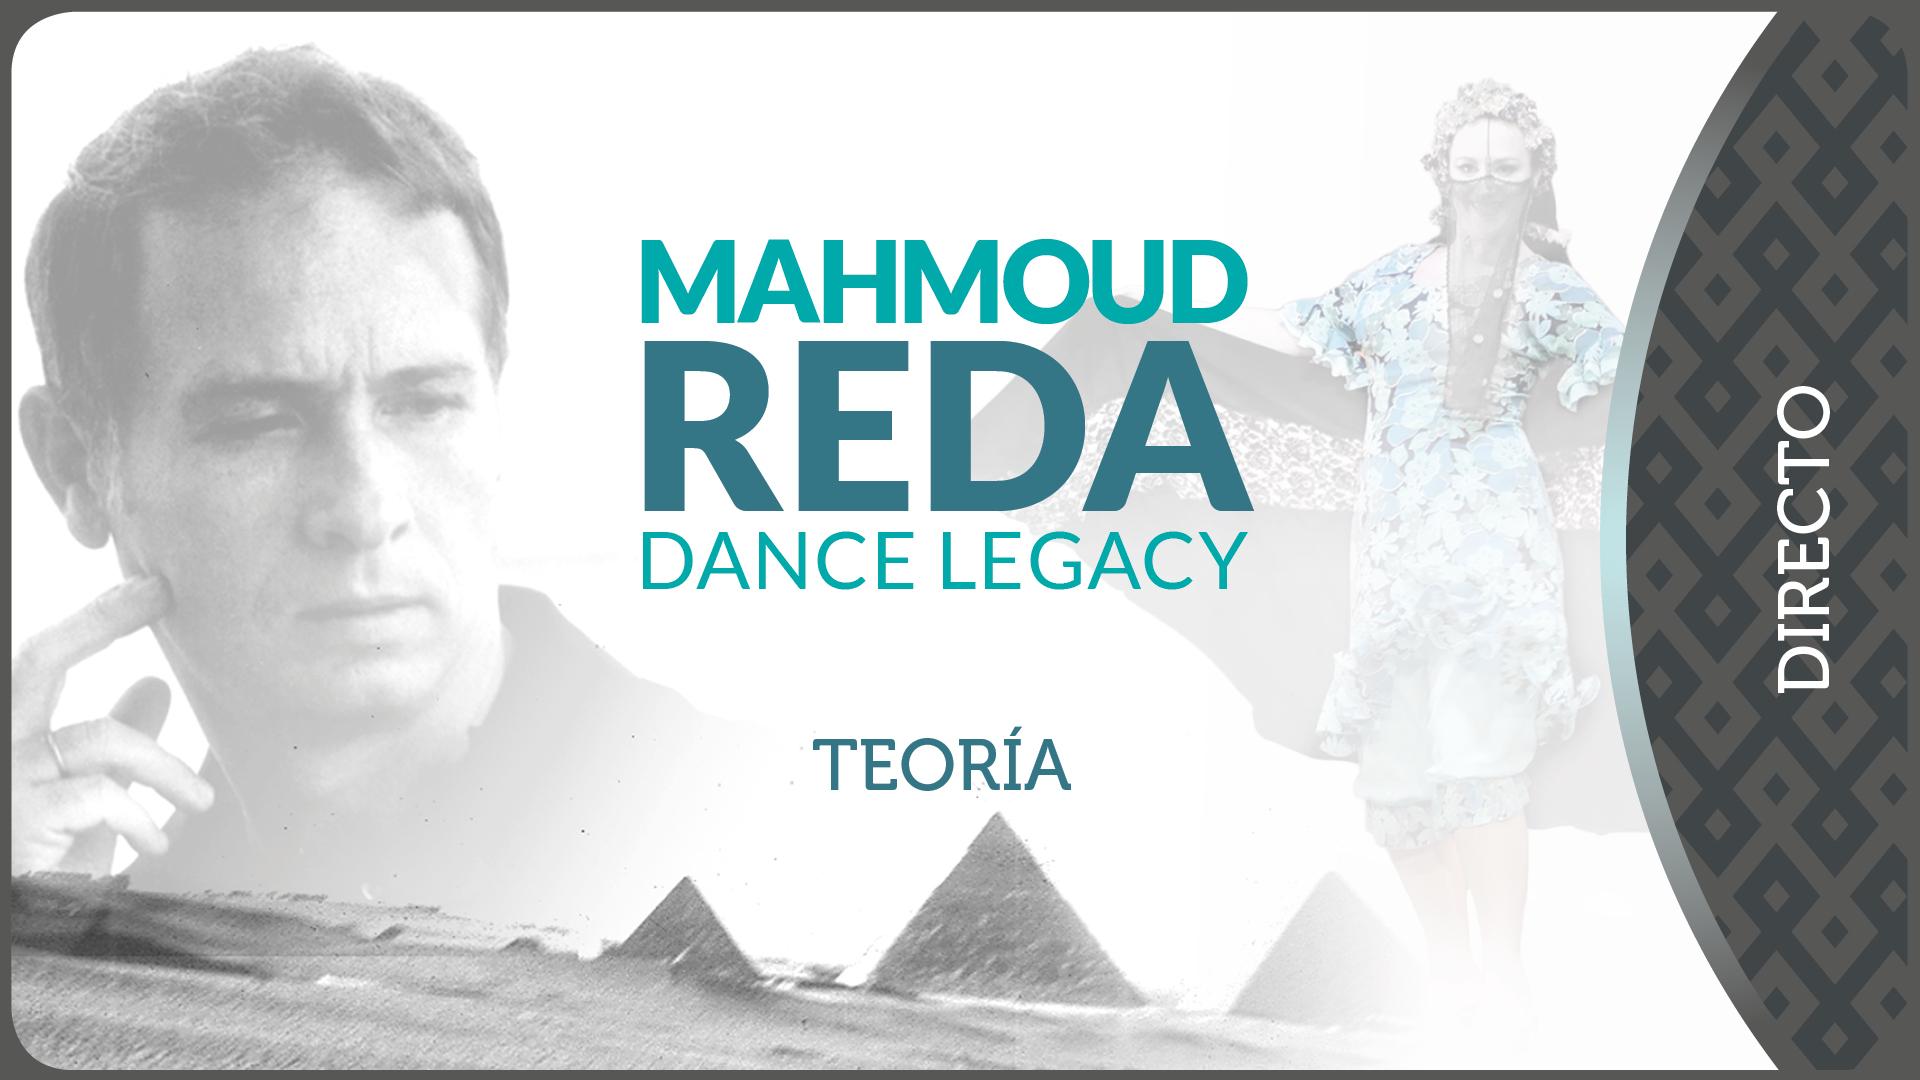 El Legado de Mahmoud Reda | Teoría 7